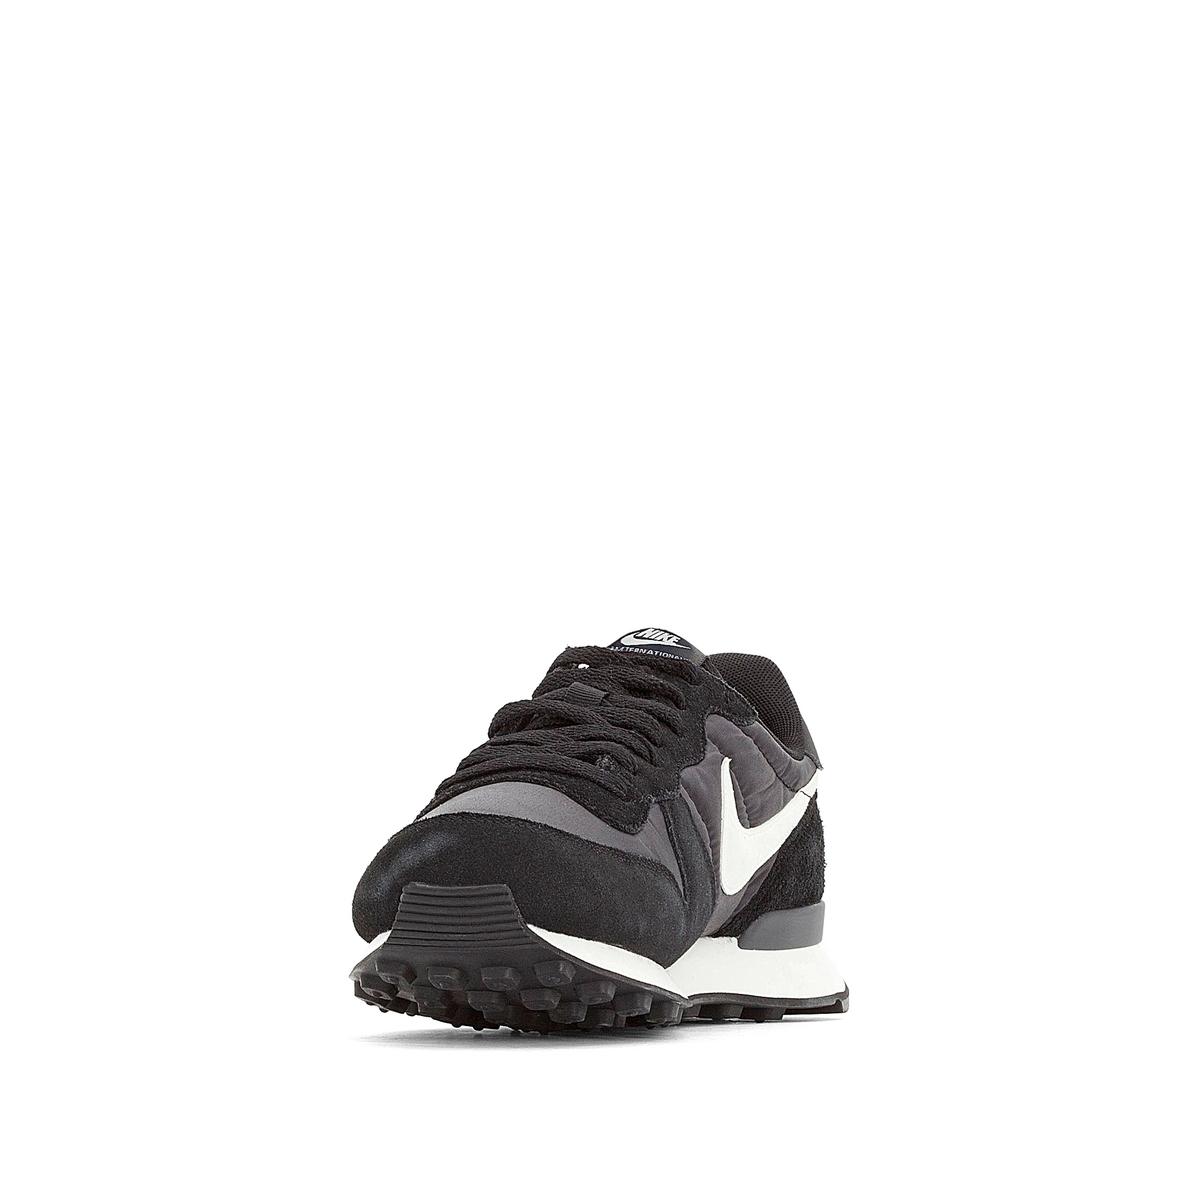 Imagen secundaria de producto de Zapatillas Internationalist 'S 2 - Nike